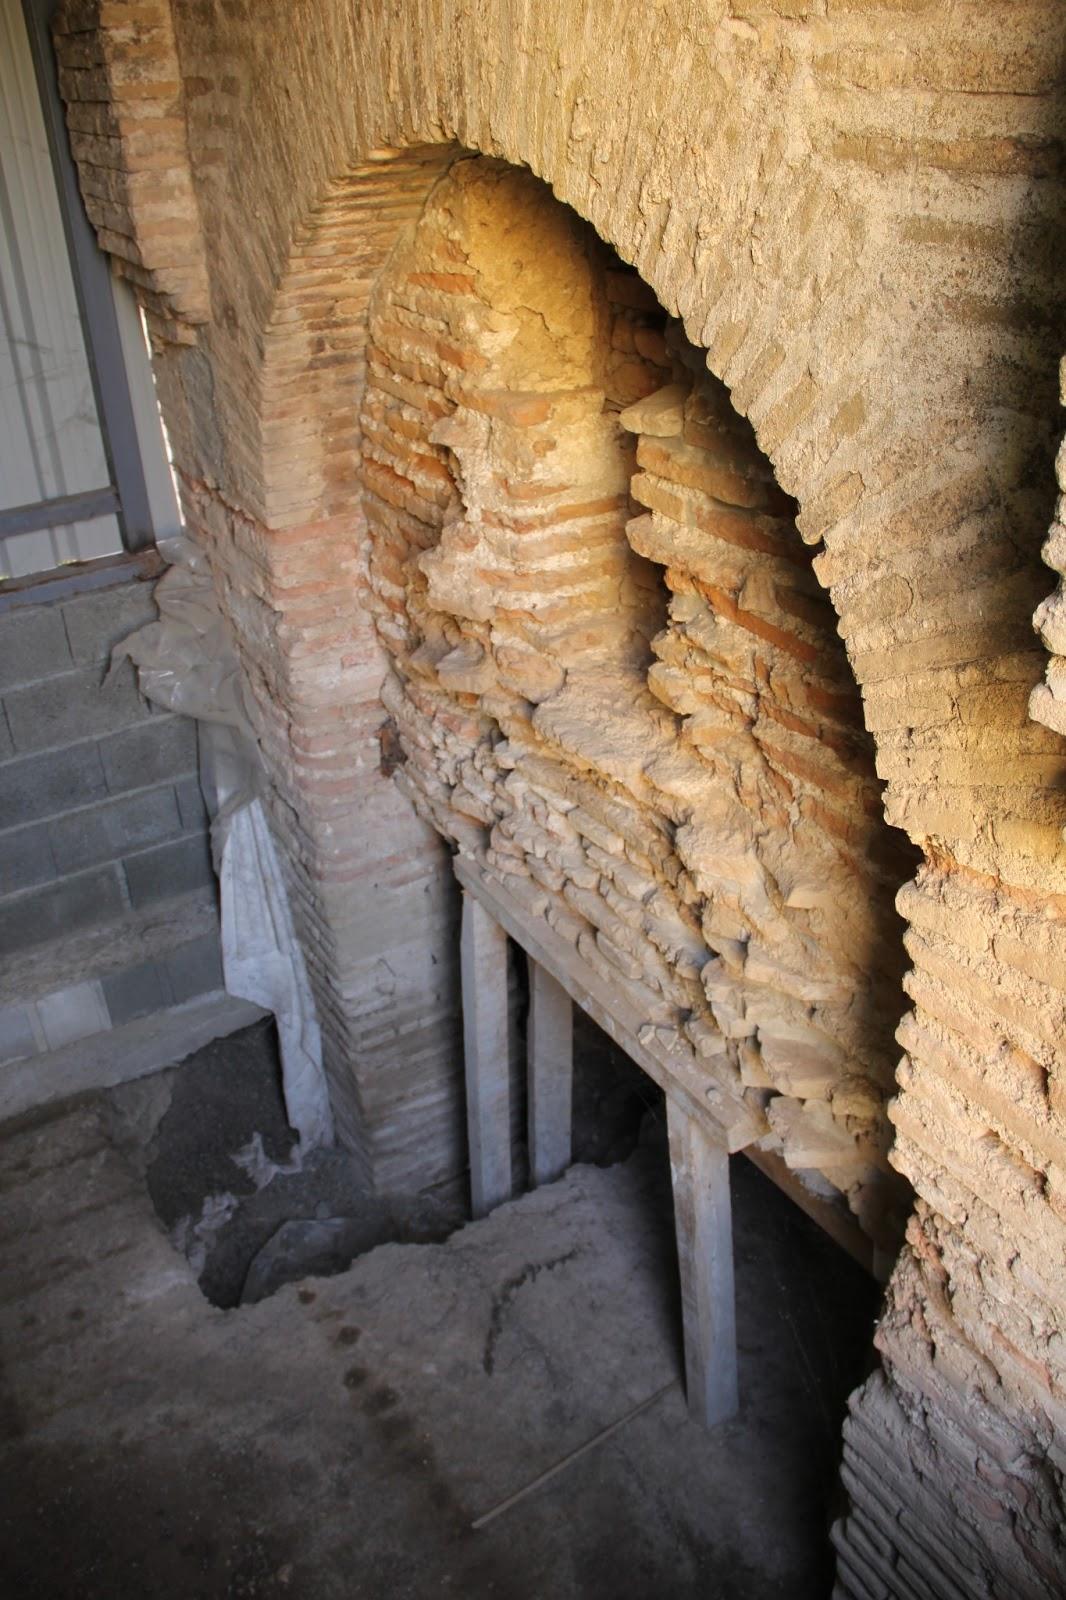 Baños Arabe De Granada: del Patrimonio y del Museo de La Zubia: Los Baños Árabes de La Zubia